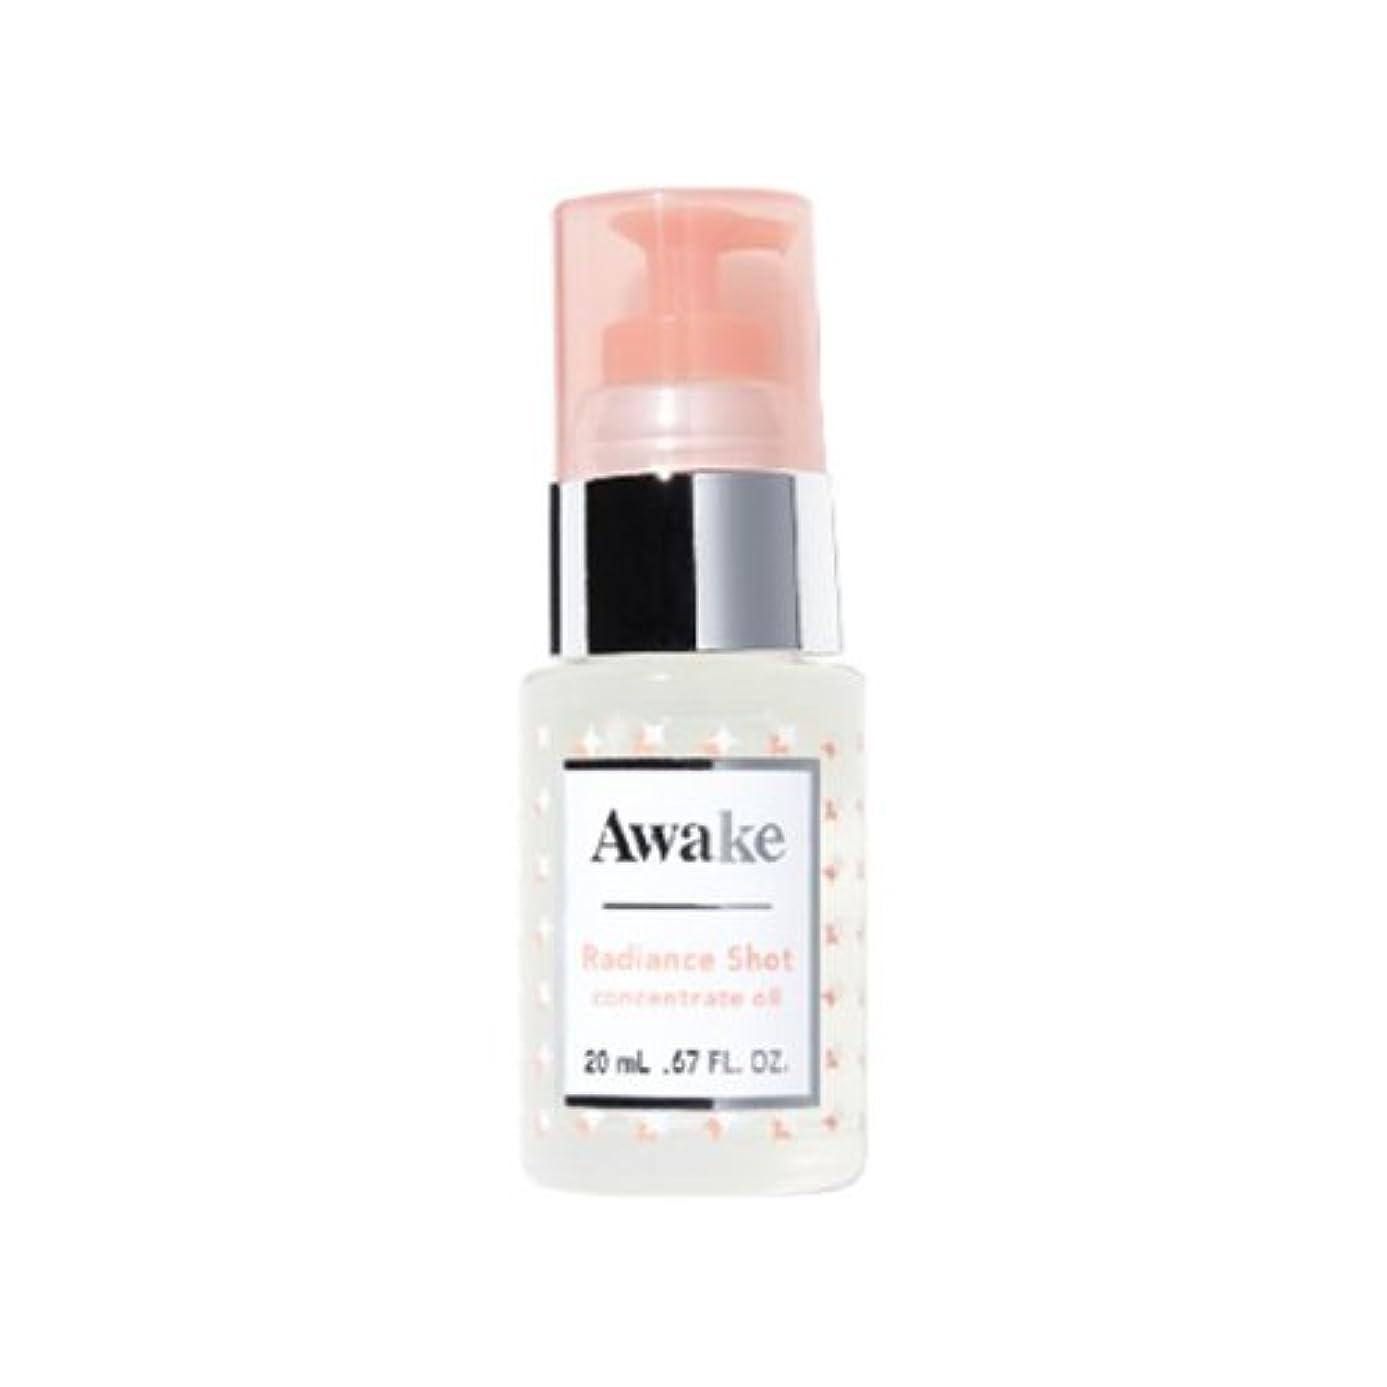 実装する論争の的吸収アウェイク(AWAKE) Awake(アウェイク) ラディアンスショット コンセントレイトオイル 〈美容オイル〉 (20mL)